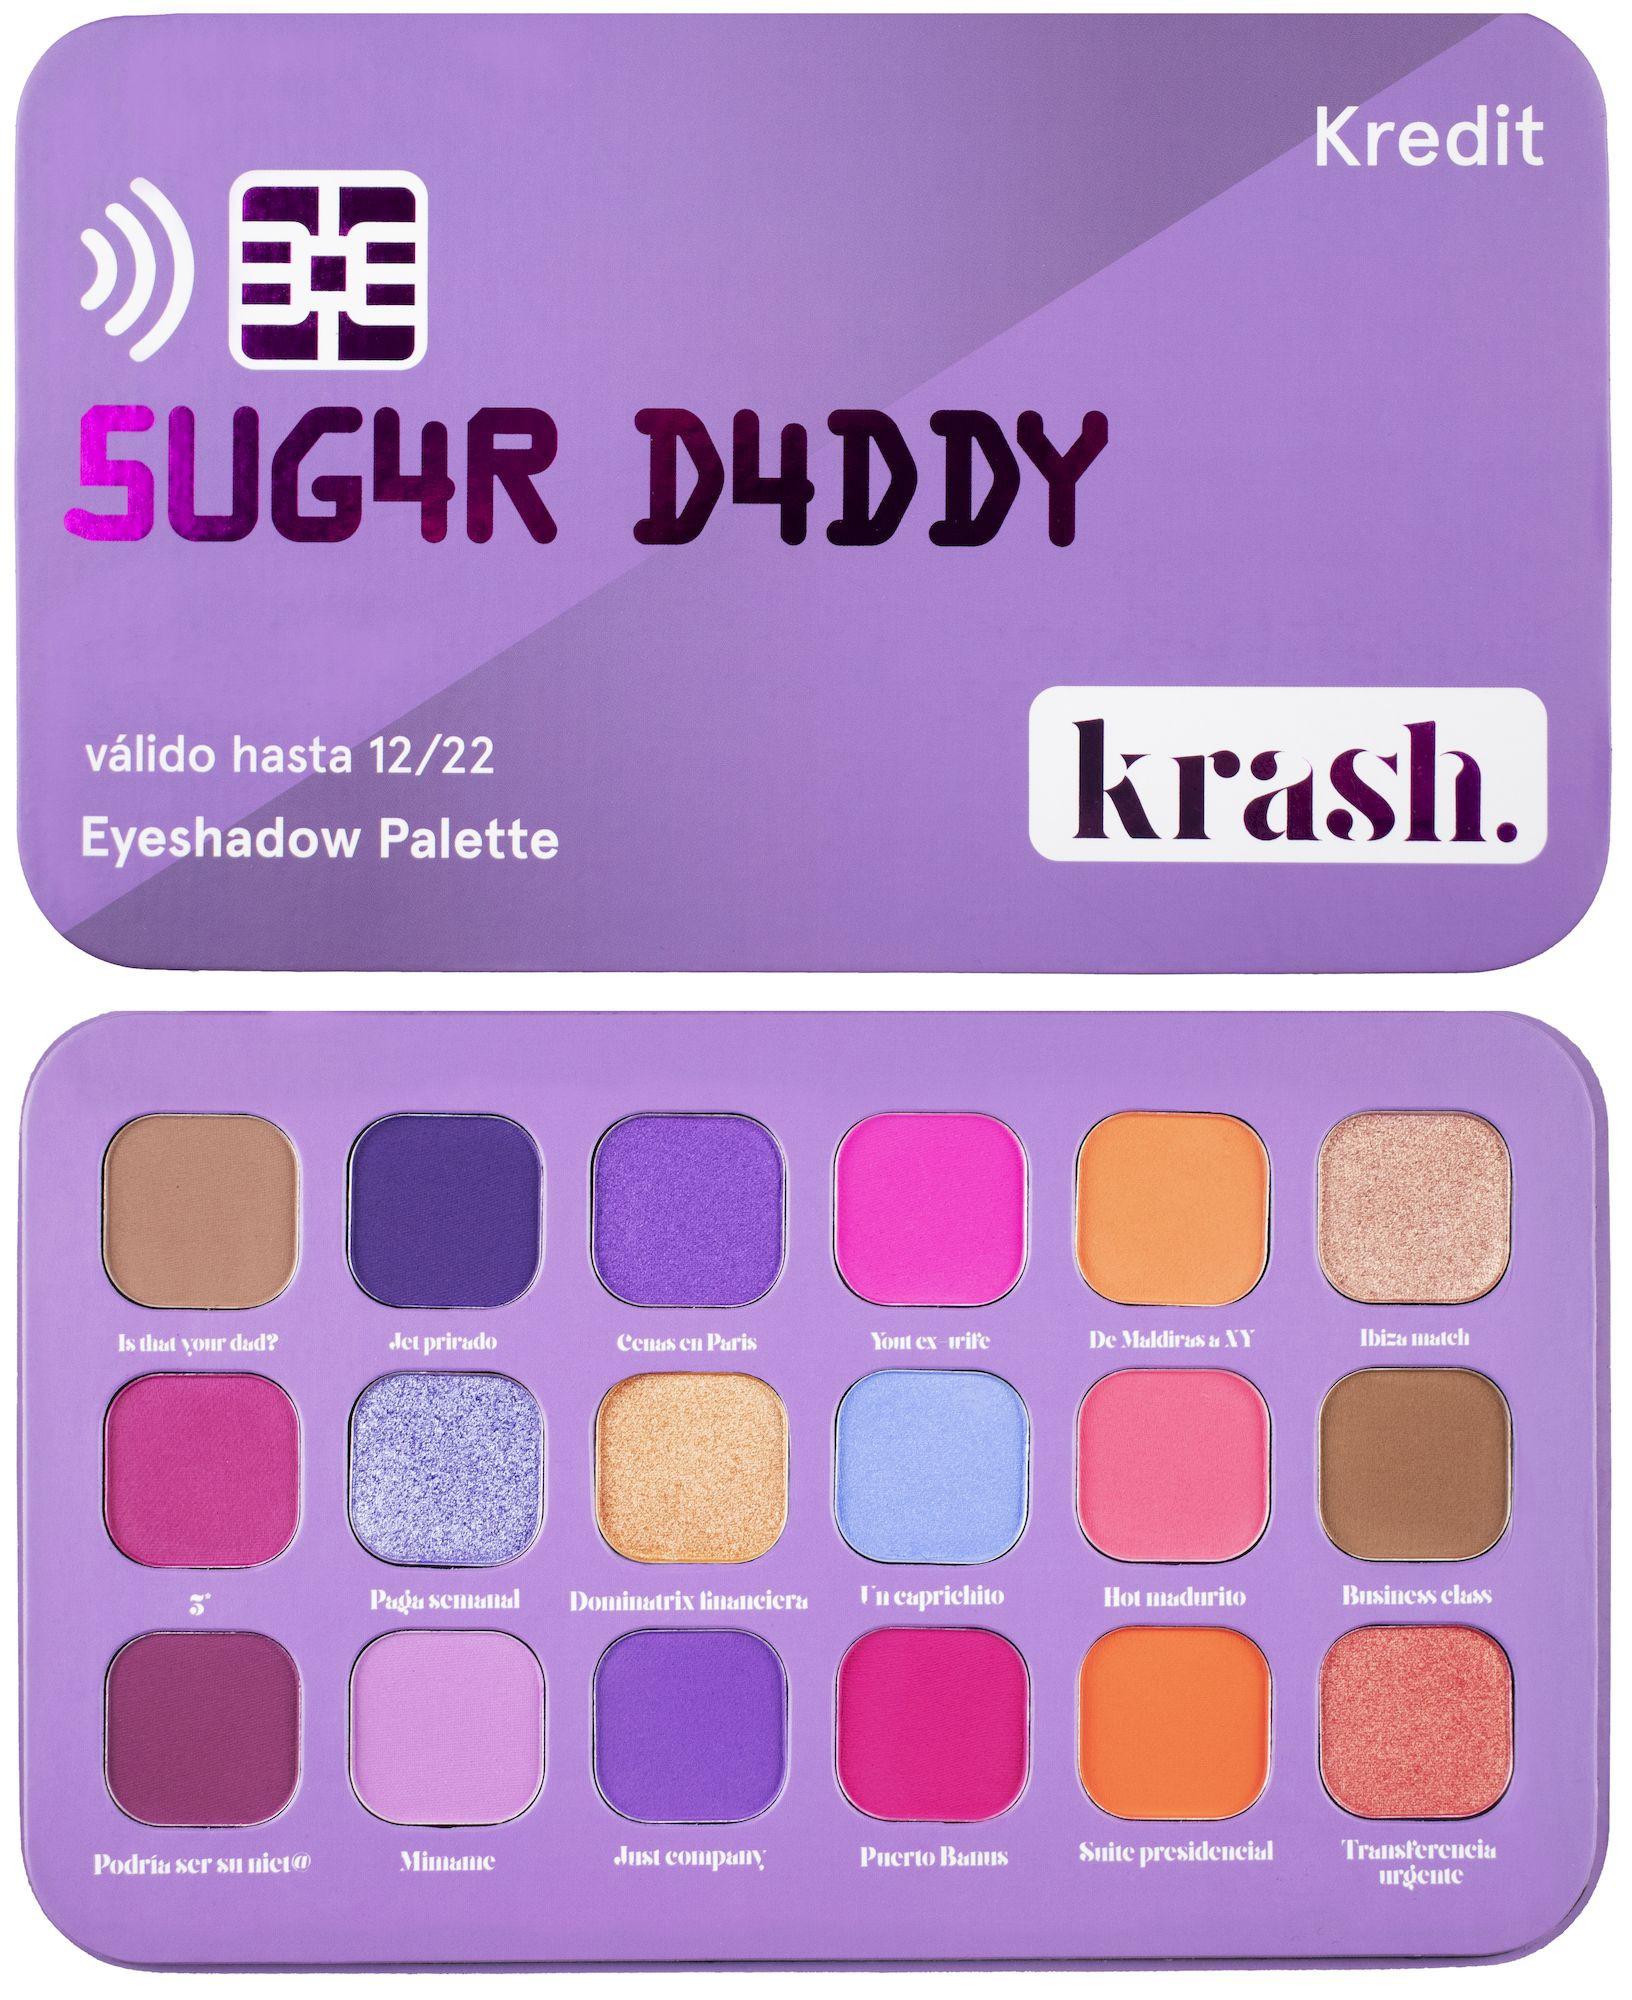 Paleta de sombras de ojos 'Sugar Daddy', ahora retirada.